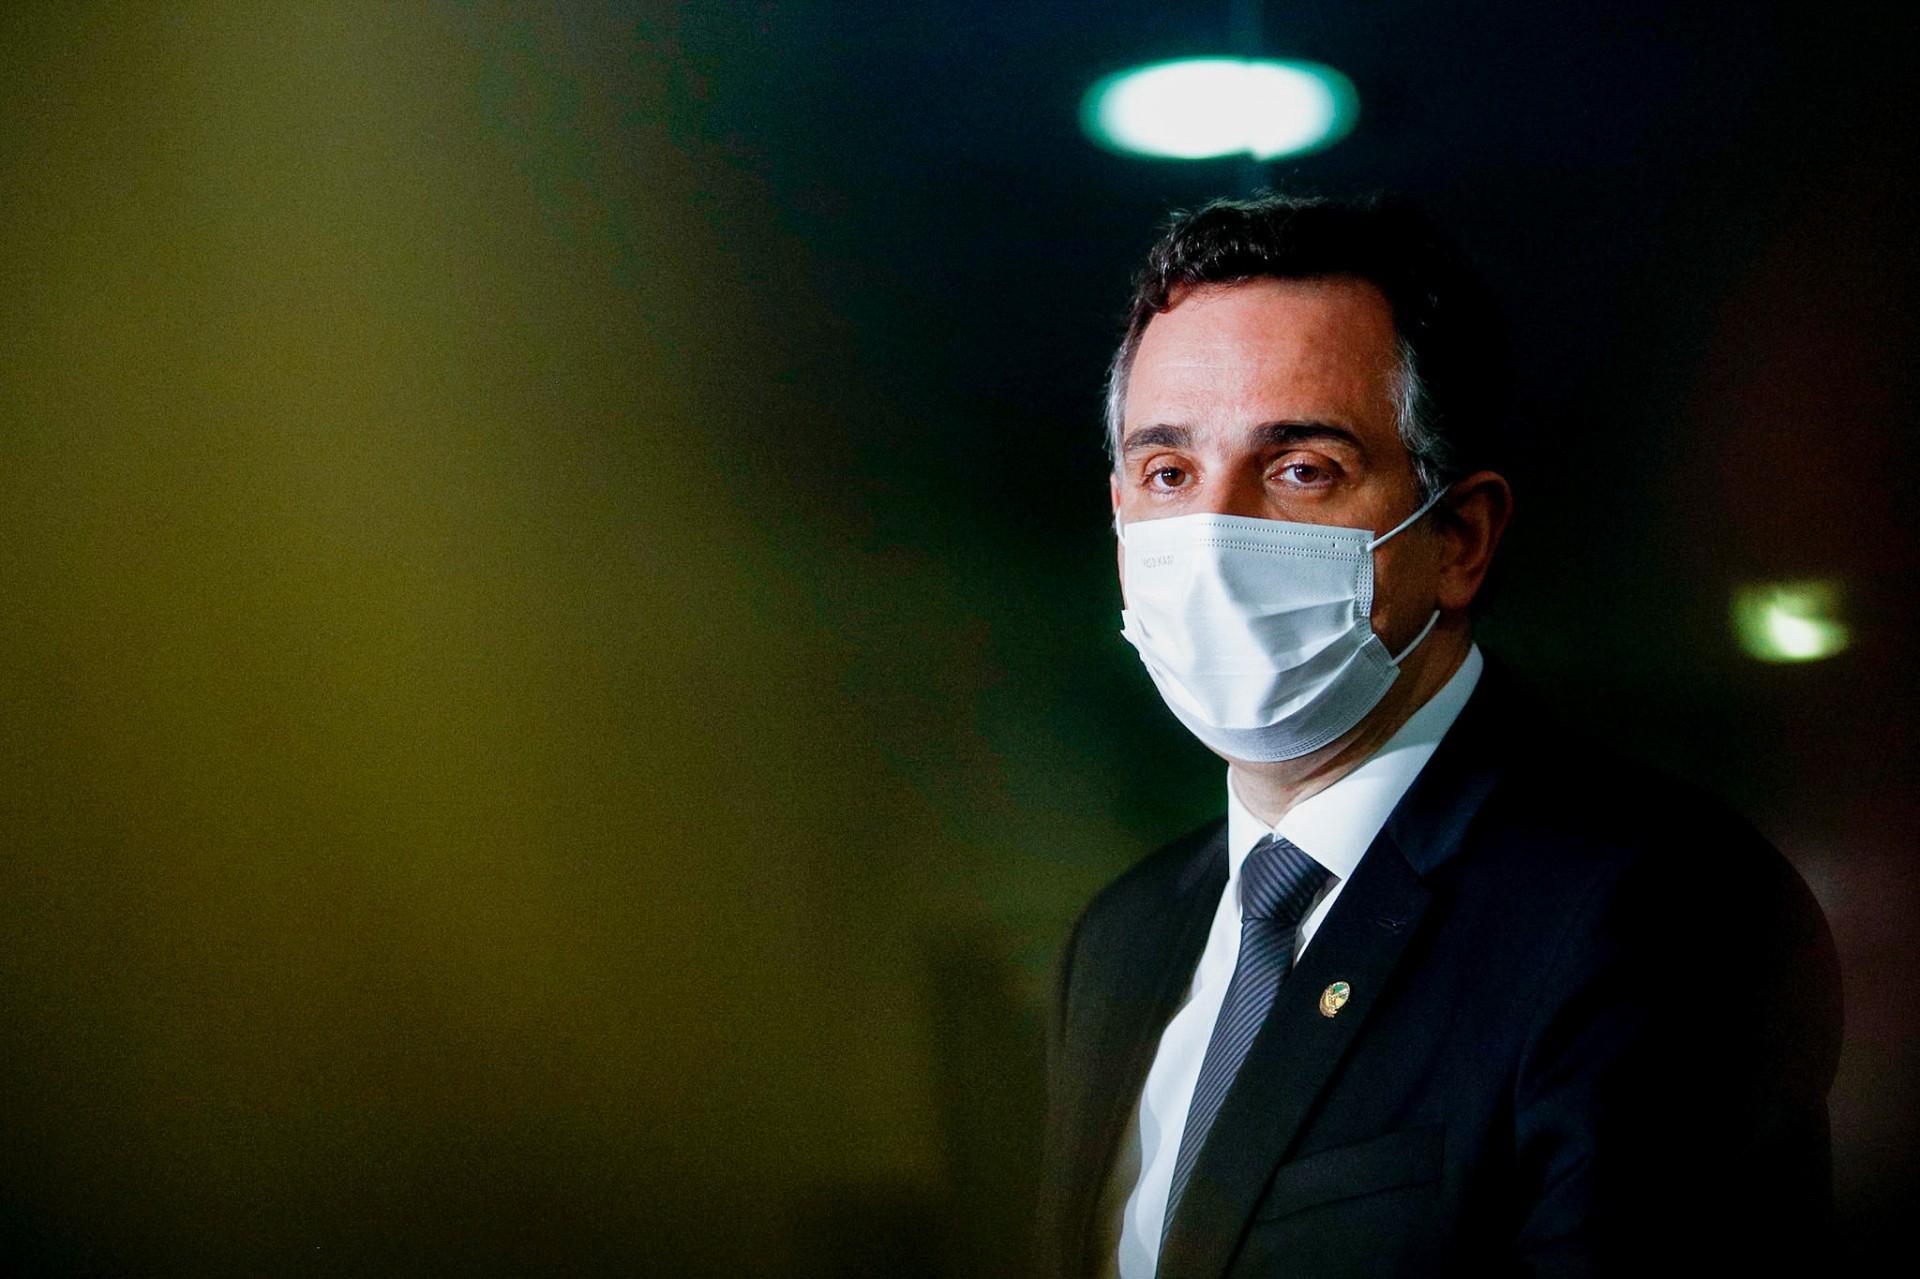 Presidente do Senado, senador Rodrigo Pacheco (DEM-MG), acha que CPI pode ter efeito contrário ao que se espera, mas opinião dele não vem ao caso